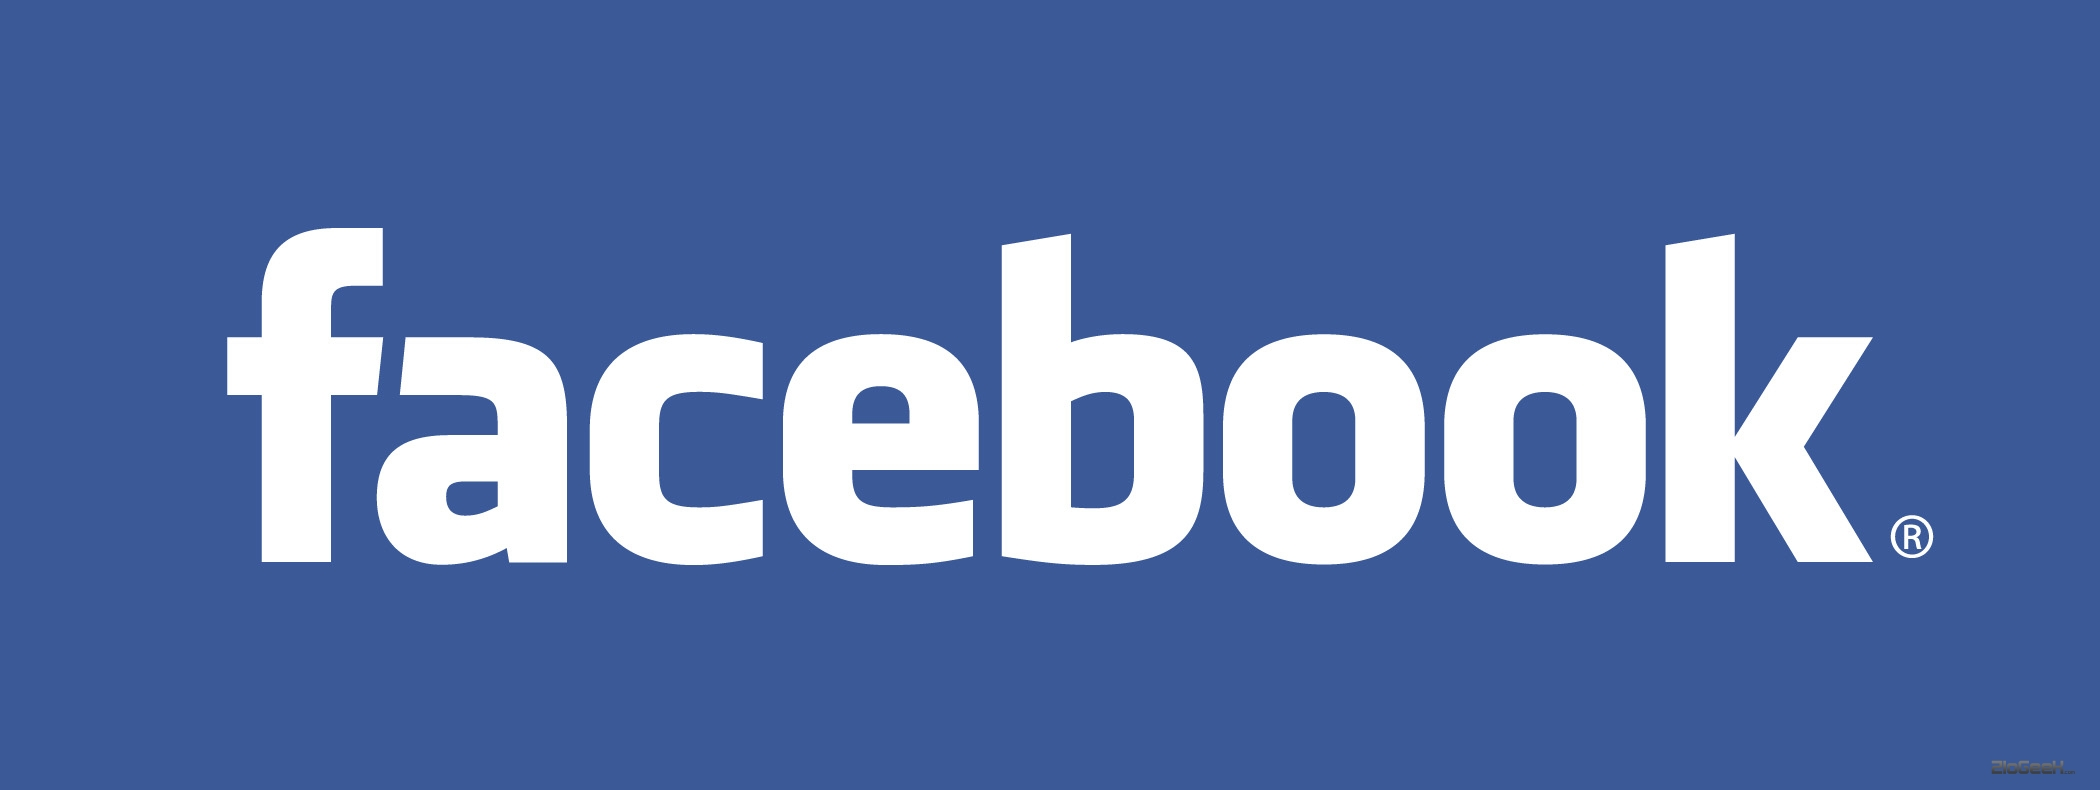 Facebook: ha un progetto vendere spot pubblicitari in stile televisivo per $ 2,5 Mil al giorno